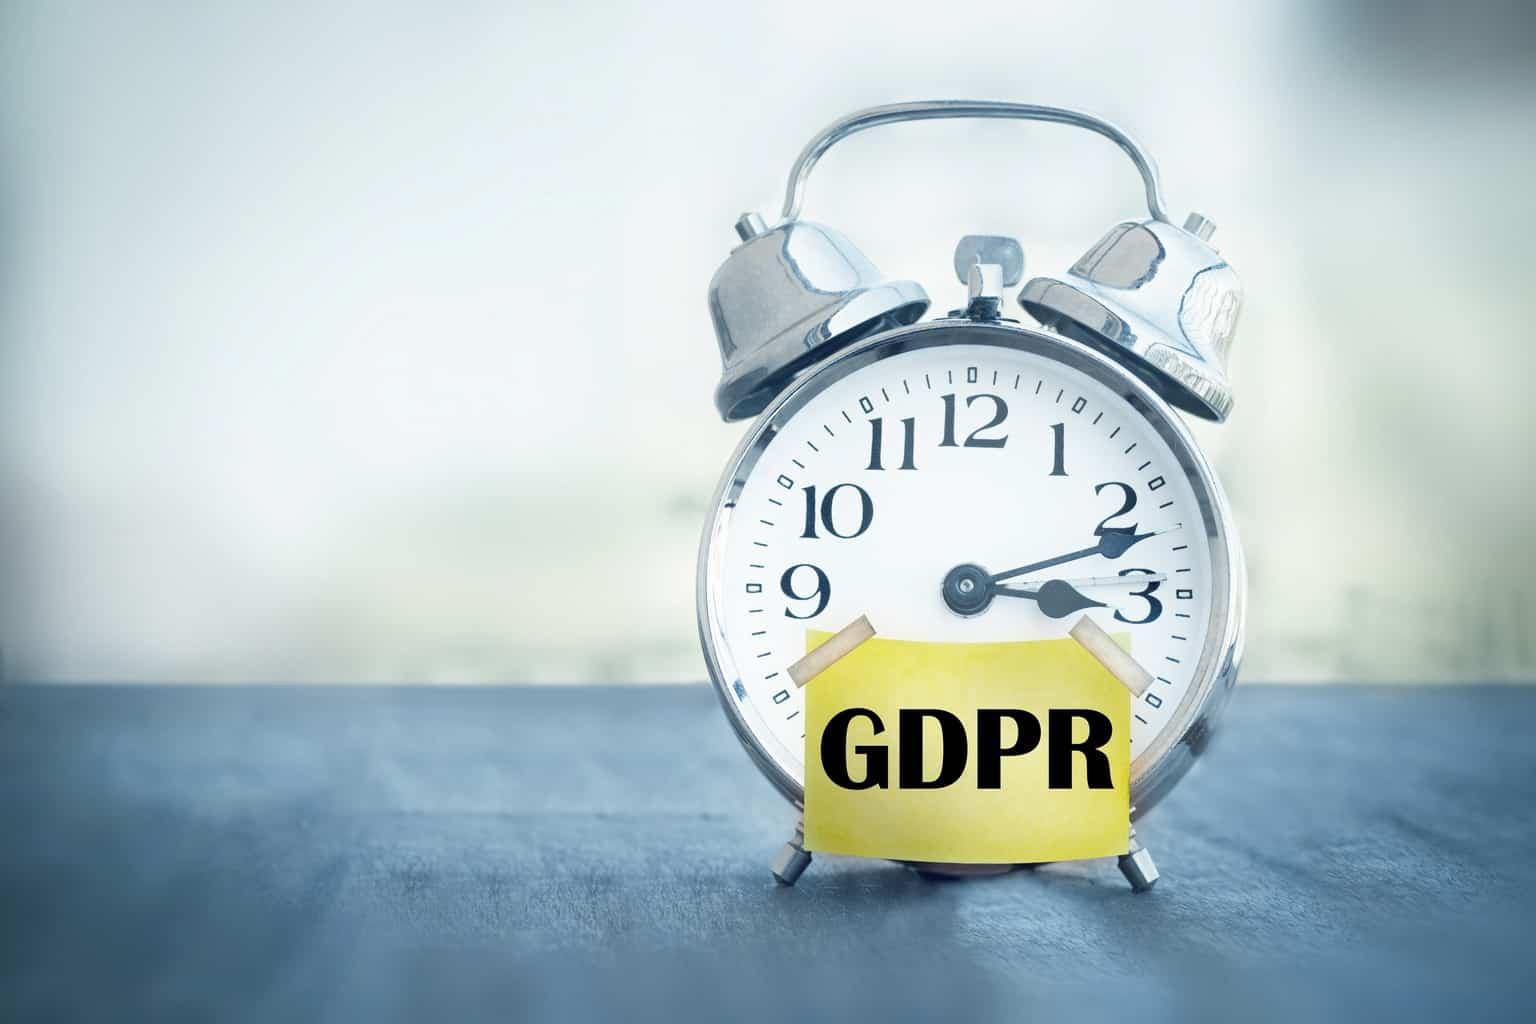 Réveil matin avec un autocollant GDPR RGPD